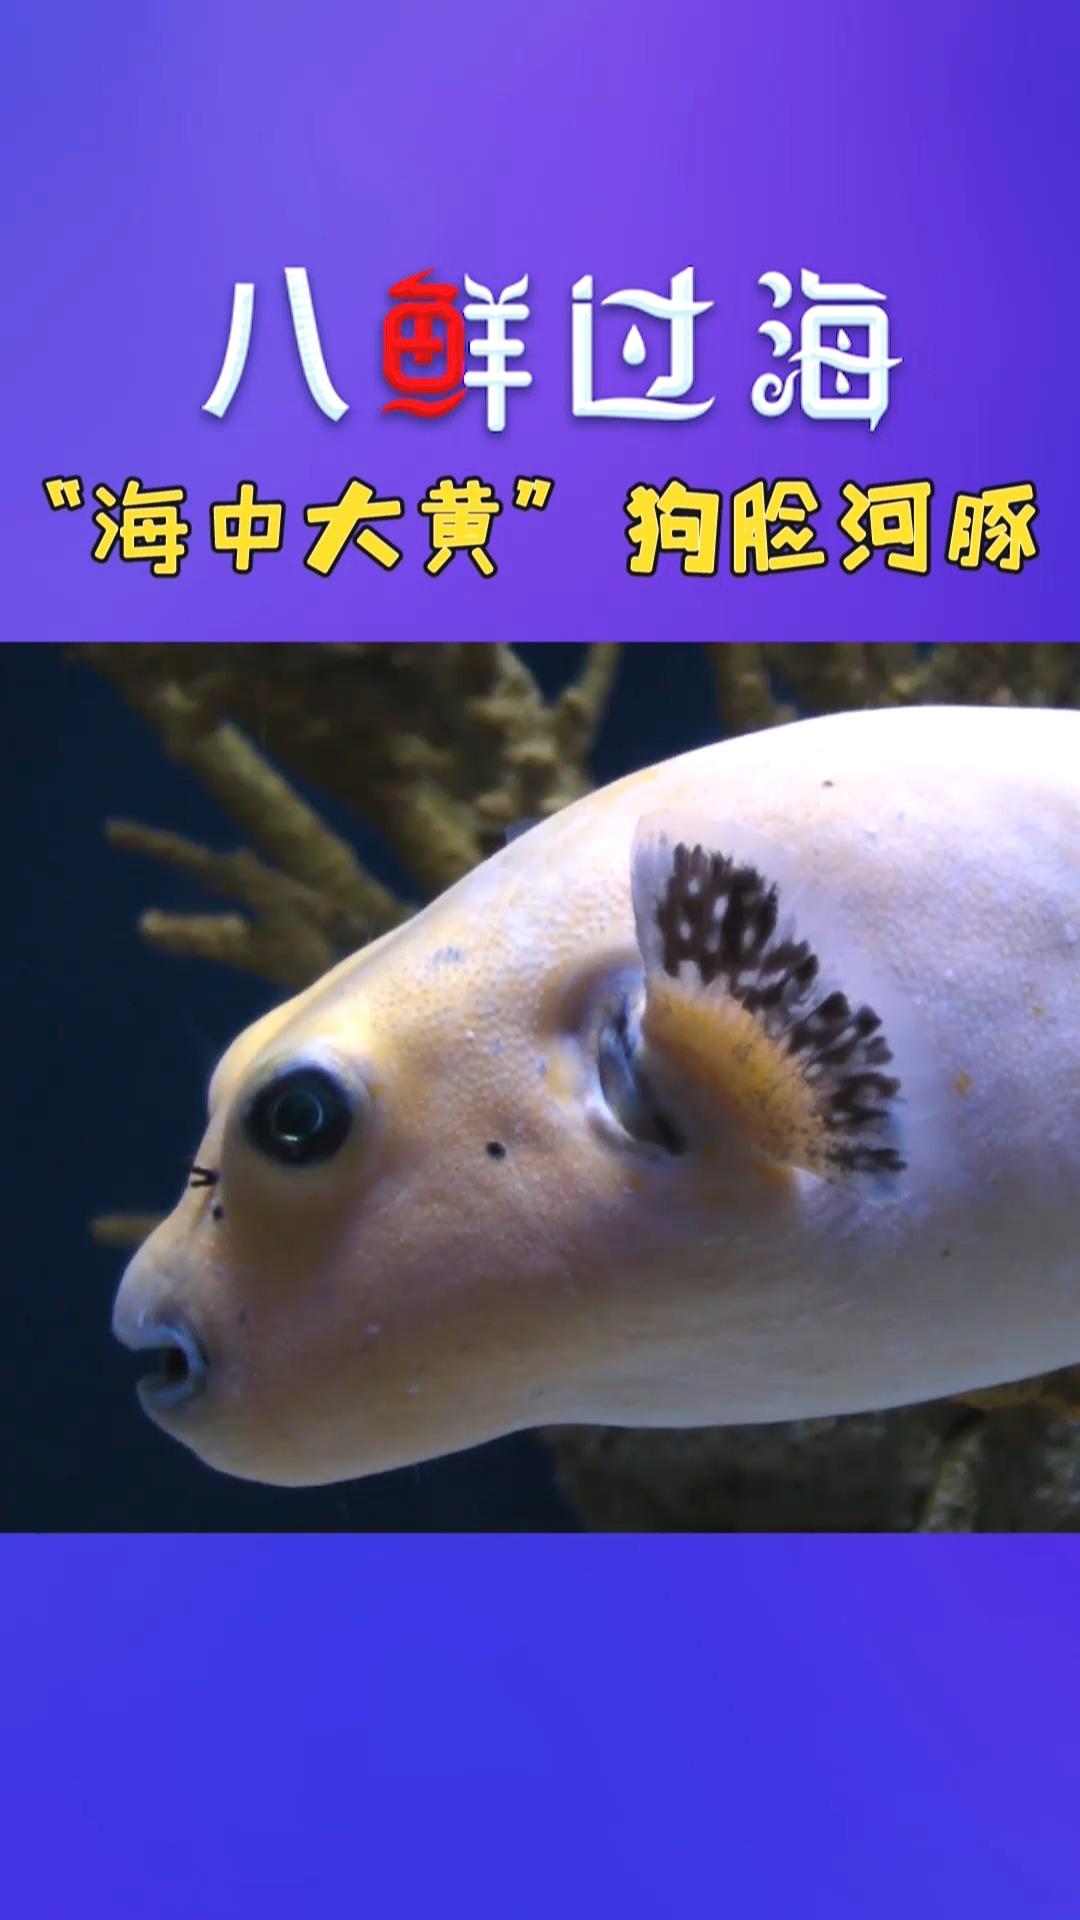 """看一眼就萌倒的""""海中大黄"""":狗脸河豚,你舍得吃吗?"""